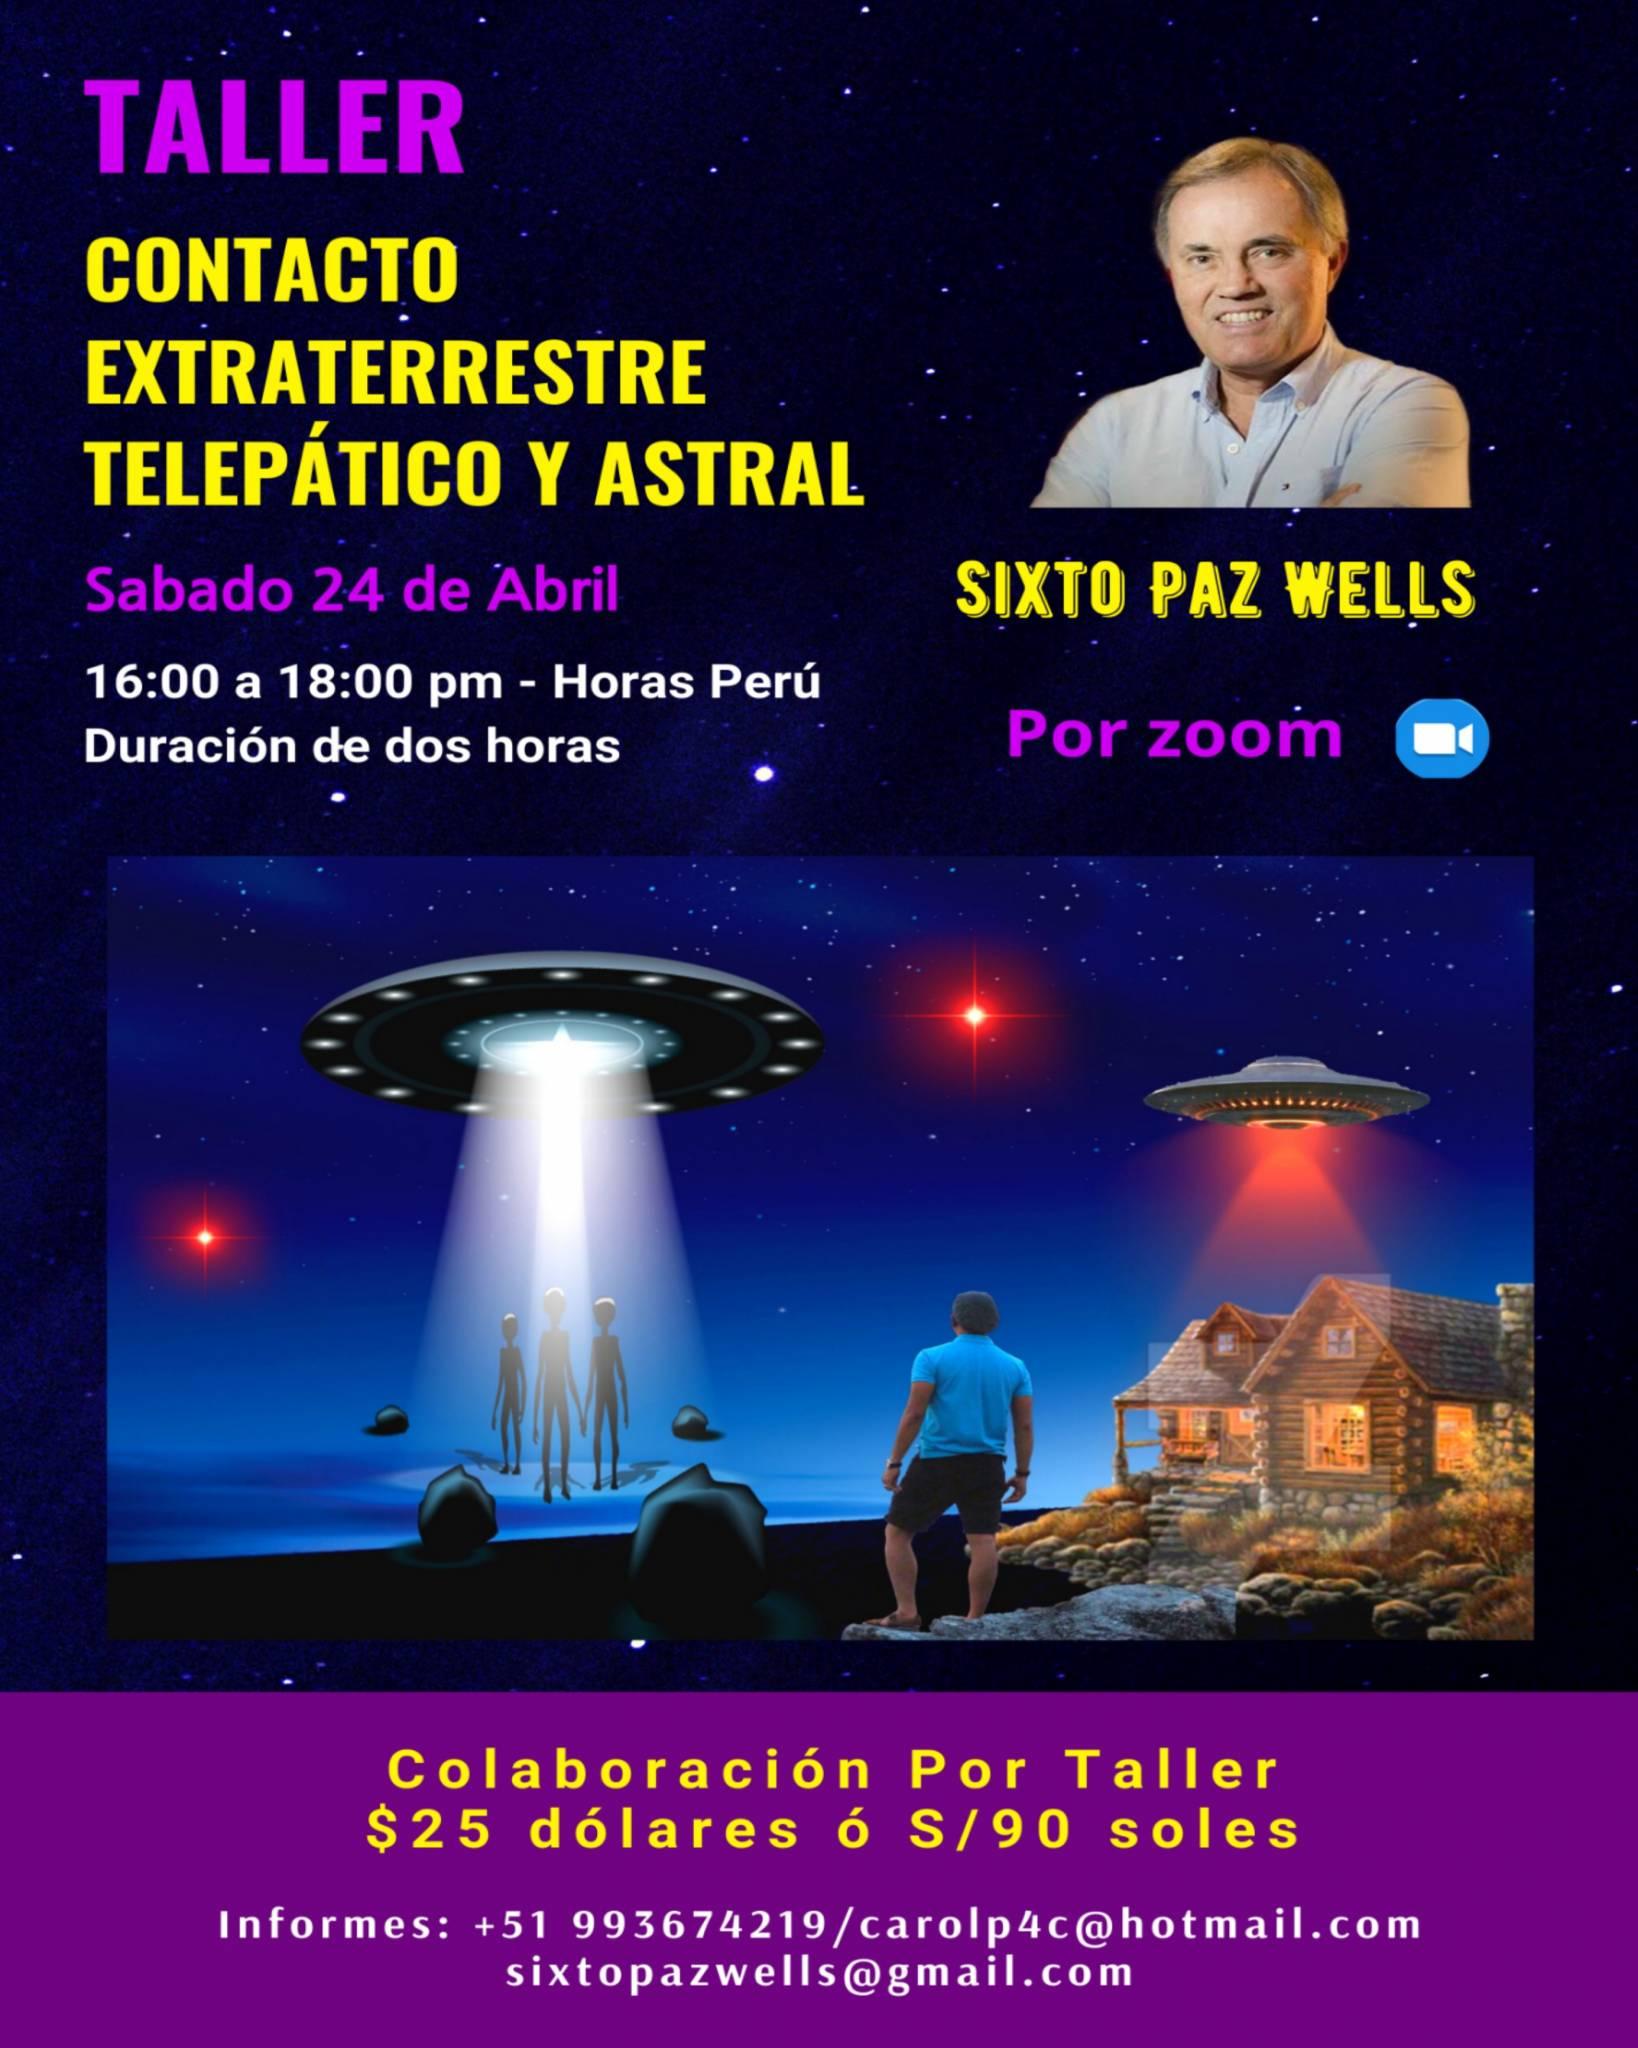 TALLER «CONTACTO EXTRATERRESTRE TELEPÁTICO Y ASTRAL»